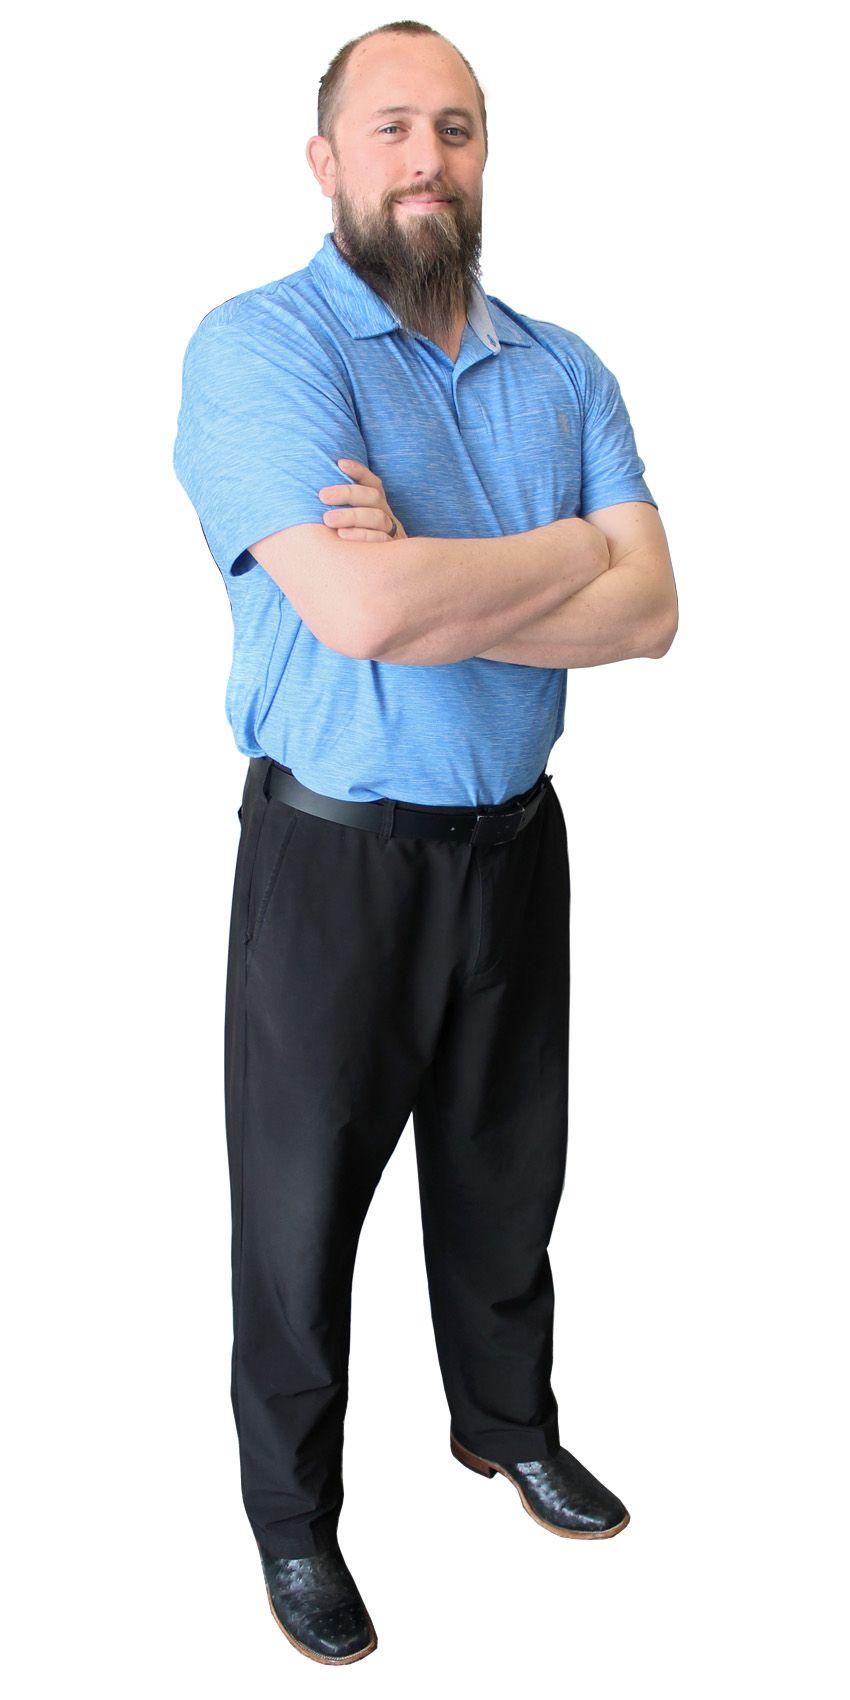 Dr. Josh Grammer